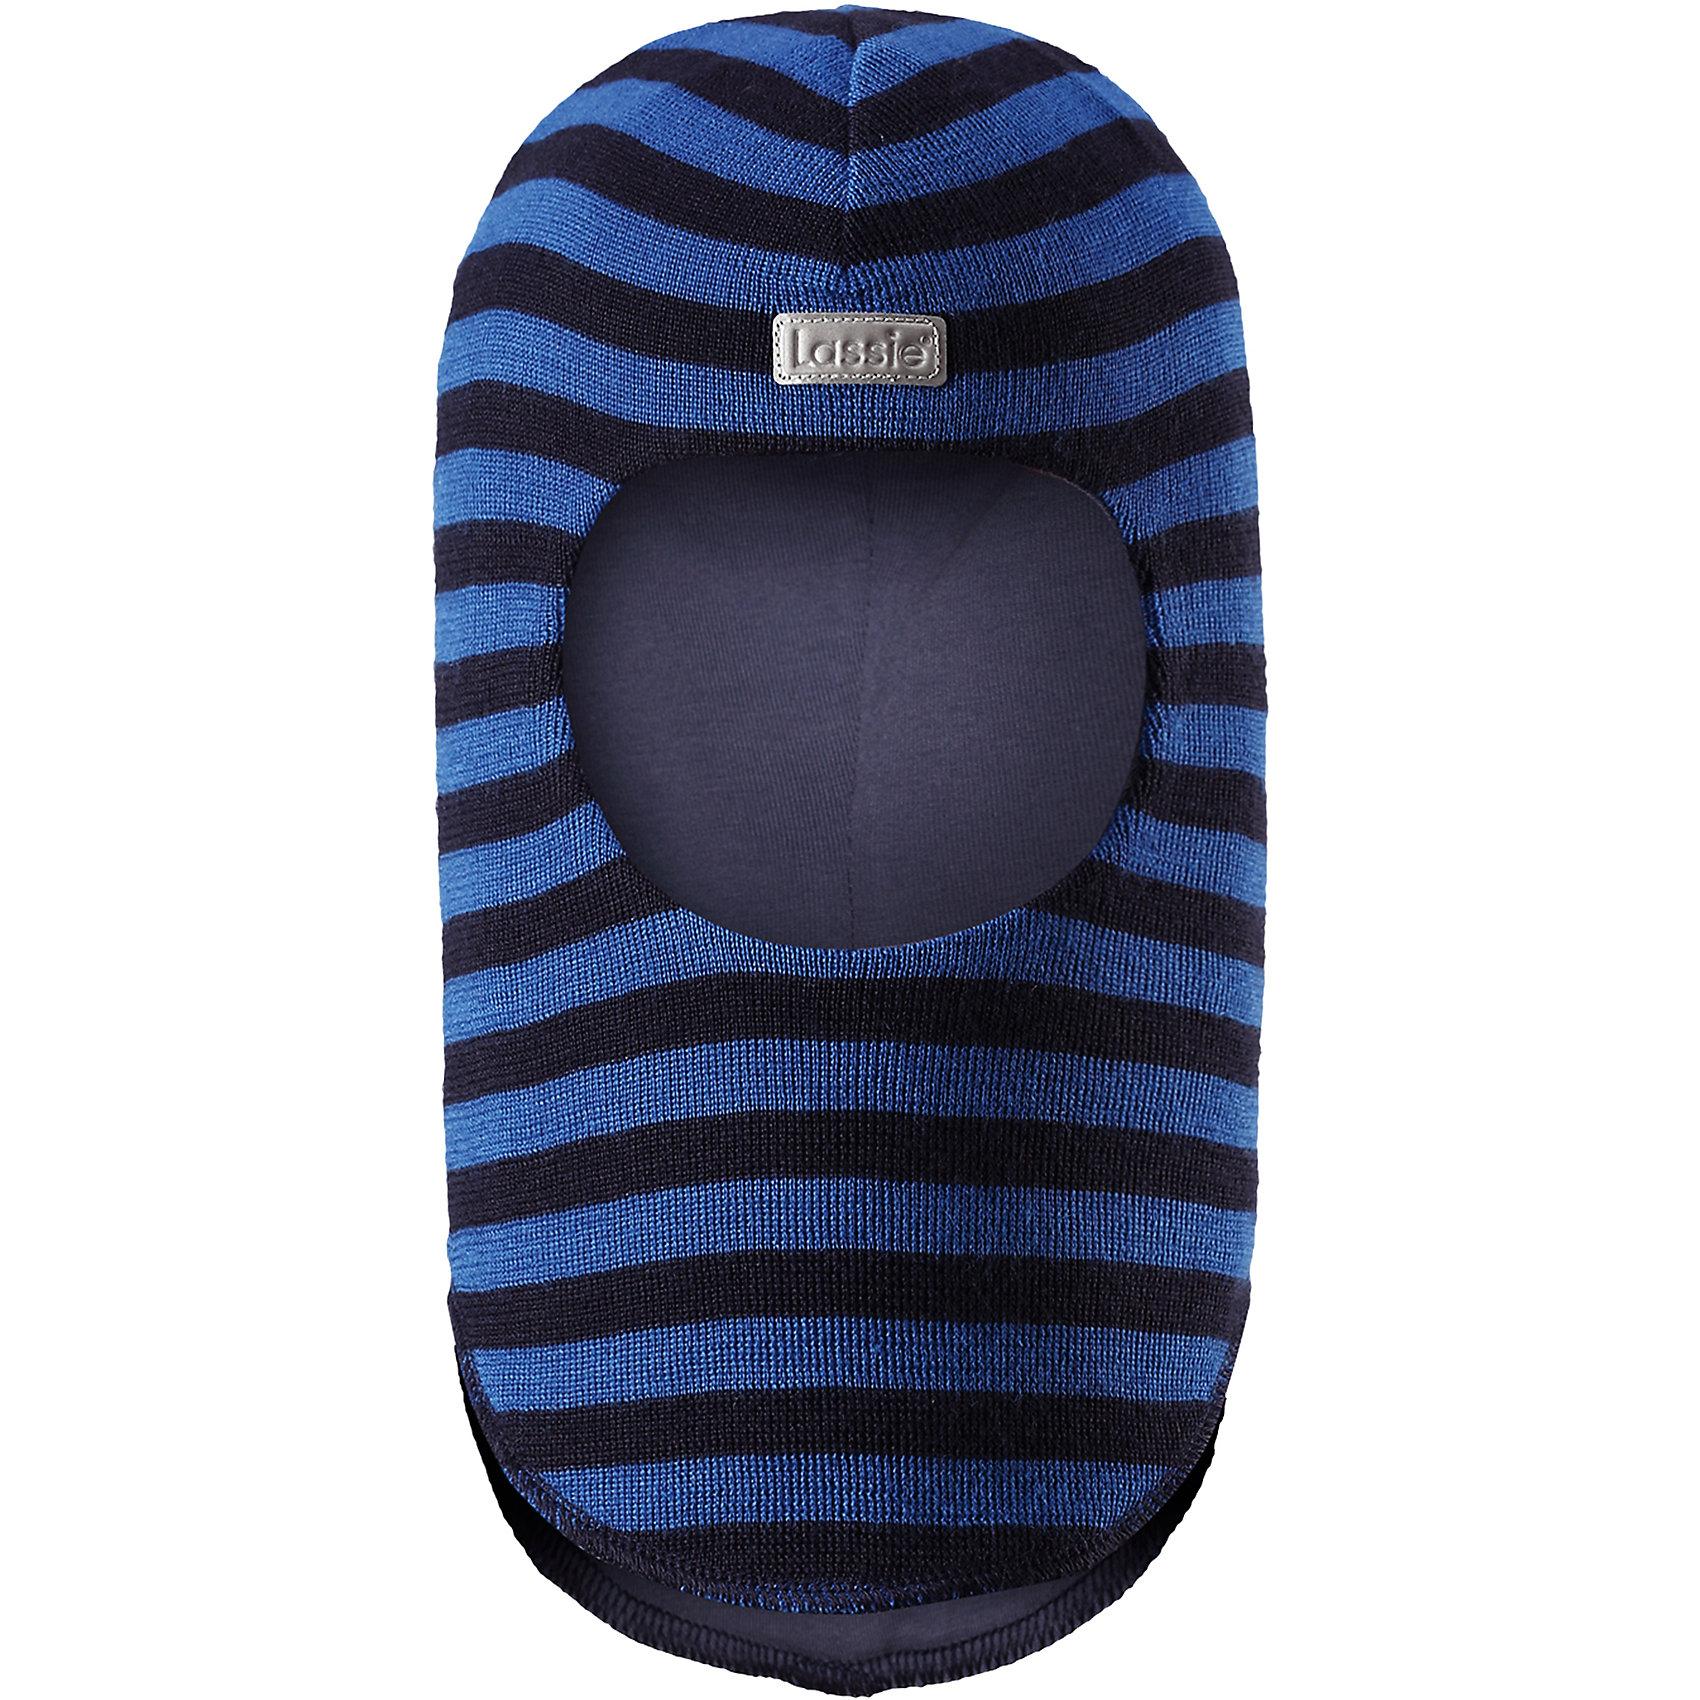 Шапка-шлем LassieШапки и шарфы<br>Характеристики товара:<br><br>• цвет: синий;<br>• состав: 50% шерсть, 50% полиакрил; <br>• подкладка: 97% хлопок, 3% эластан;<br>• сезон: зима;<br>• без дополнительного утепления;<br>• температурный режим: от 0 до -20С;<br>• мягкая и теплая ткань из смеси шерсти;<br>• ветронепроницаемые вставки в области ушей;<br>• сплошная подкладка: приятный на ощупь хлопковый трикотаж с эластаном;<br>• светоотражающие детали;<br>• страна бренда: Финляндия;<br>• страна изготовитель: Китай;<br><br>Эта шапка-шлем для малышей и детей постарше изготовлена из нежной полушерстяной пряжи. Ветронепроницаемые вставки в области ушей защищают ушки во время зимних прогулок. Яркие цвета в сочетании со стильными полосками создают завершенный образ.<br><br>Шапку-шлем Lassie (Ласси) можно купить в нашем интернет-магазине.<br><br>Ширина мм: 89<br>Глубина мм: 117<br>Высота мм: 44<br>Вес г: 155<br>Цвет: синий<br>Возраст от месяцев: 72<br>Возраст до месяцев: 144<br>Пол: Унисекс<br>Возраст: Детский<br>Размер: 54-56,44-46,46-48,50-52<br>SKU: 6905662